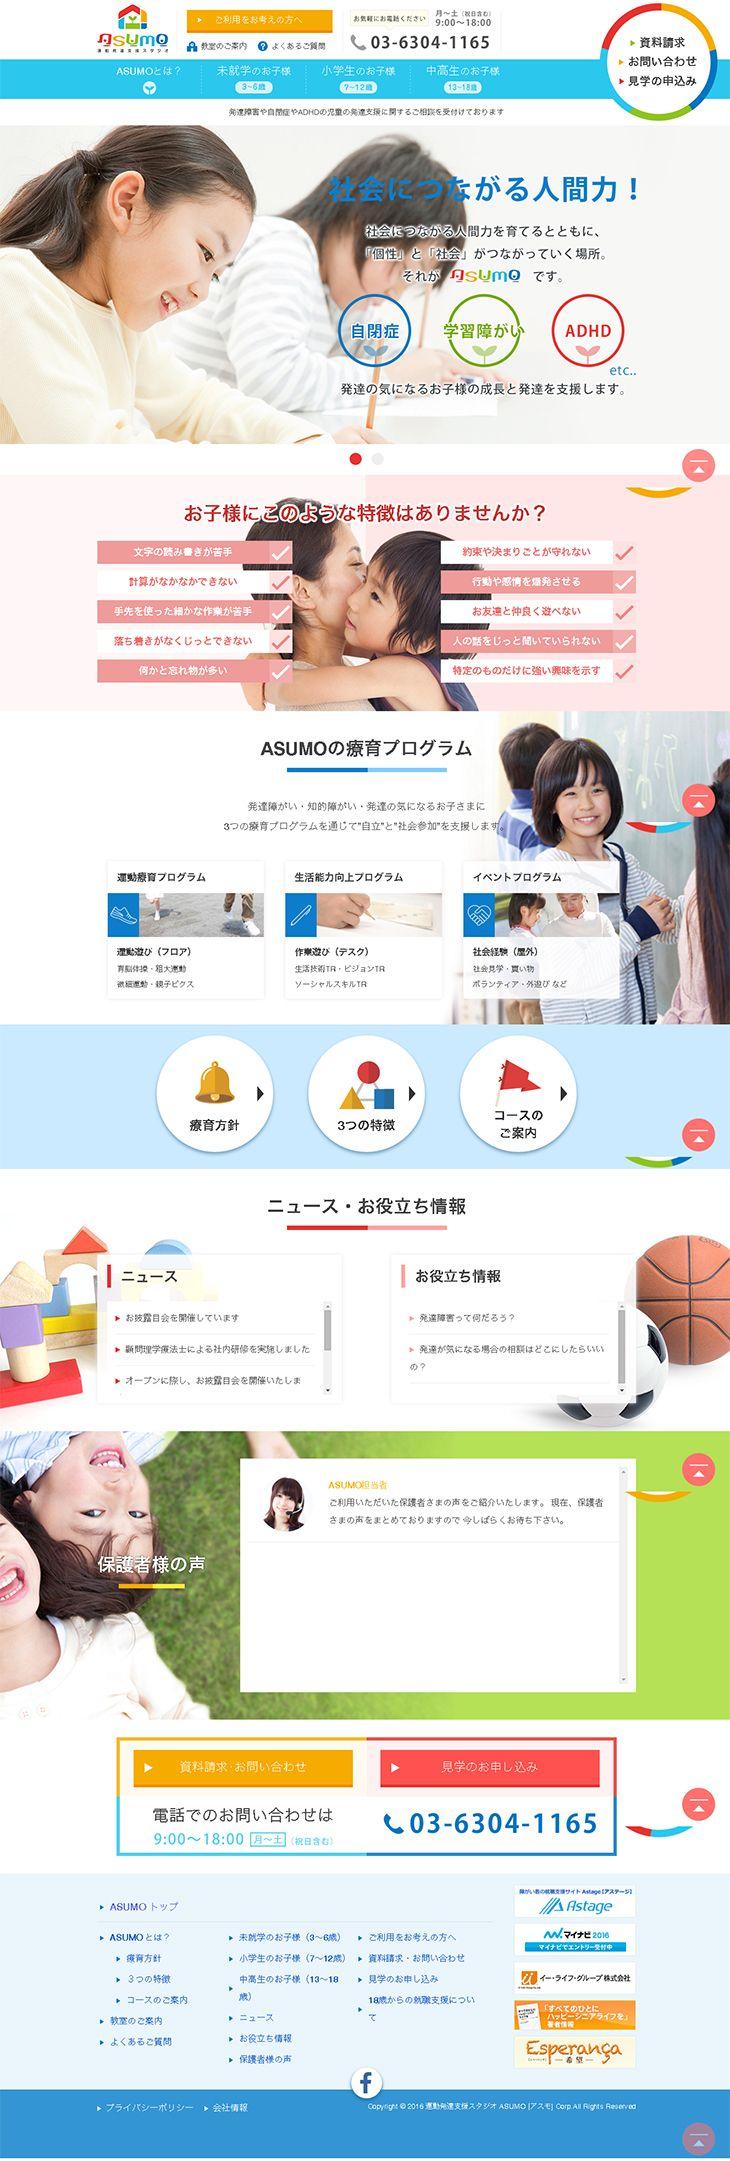 ランディングページ LP 運動発達支援スタジオASUMO サービス 自社サイト